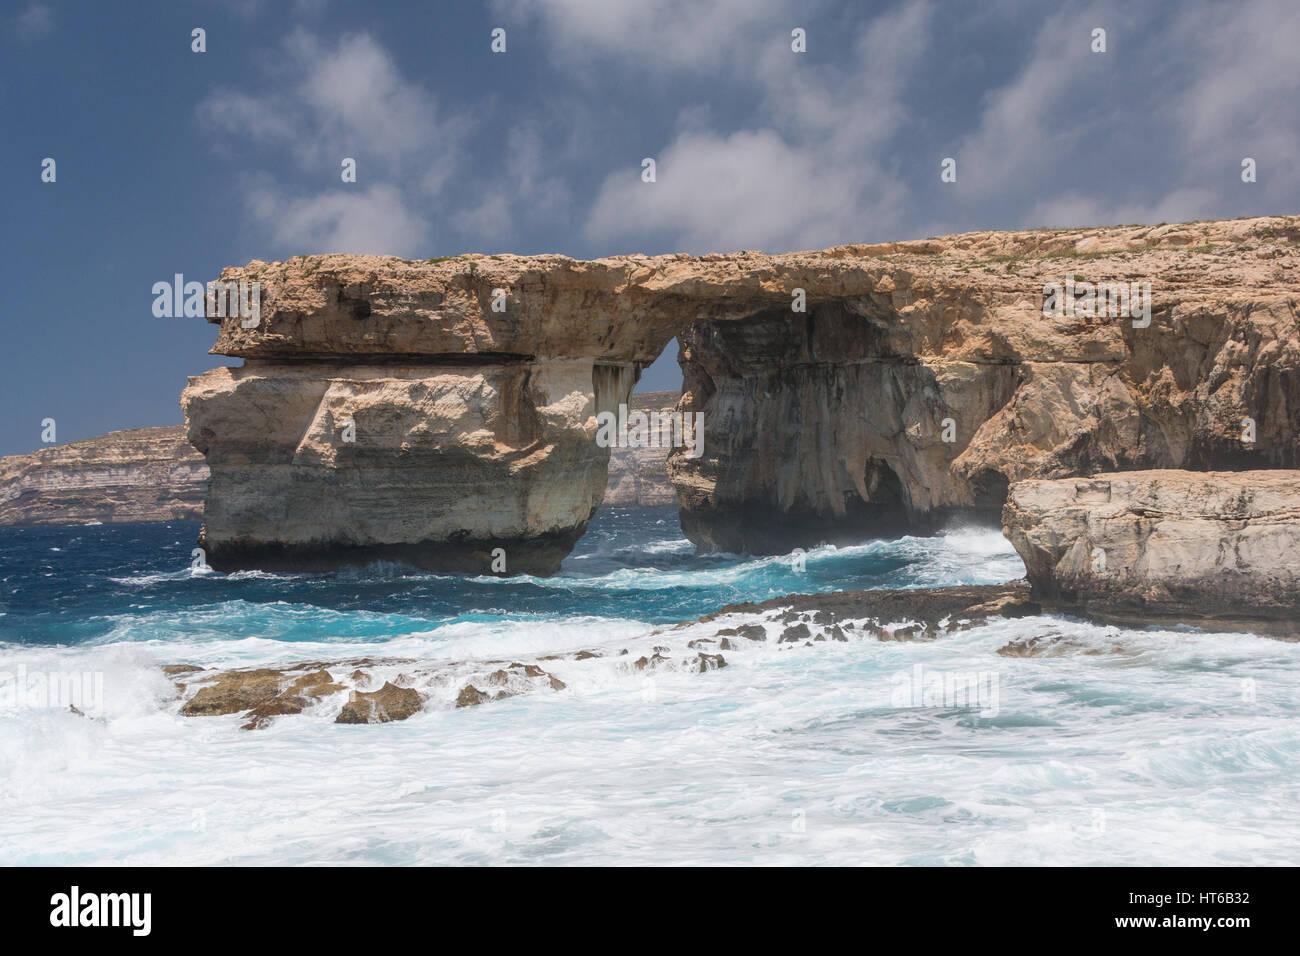 La ventana azul con el romper de las olas en el día, en Gozo, Malta Imagen De Stock